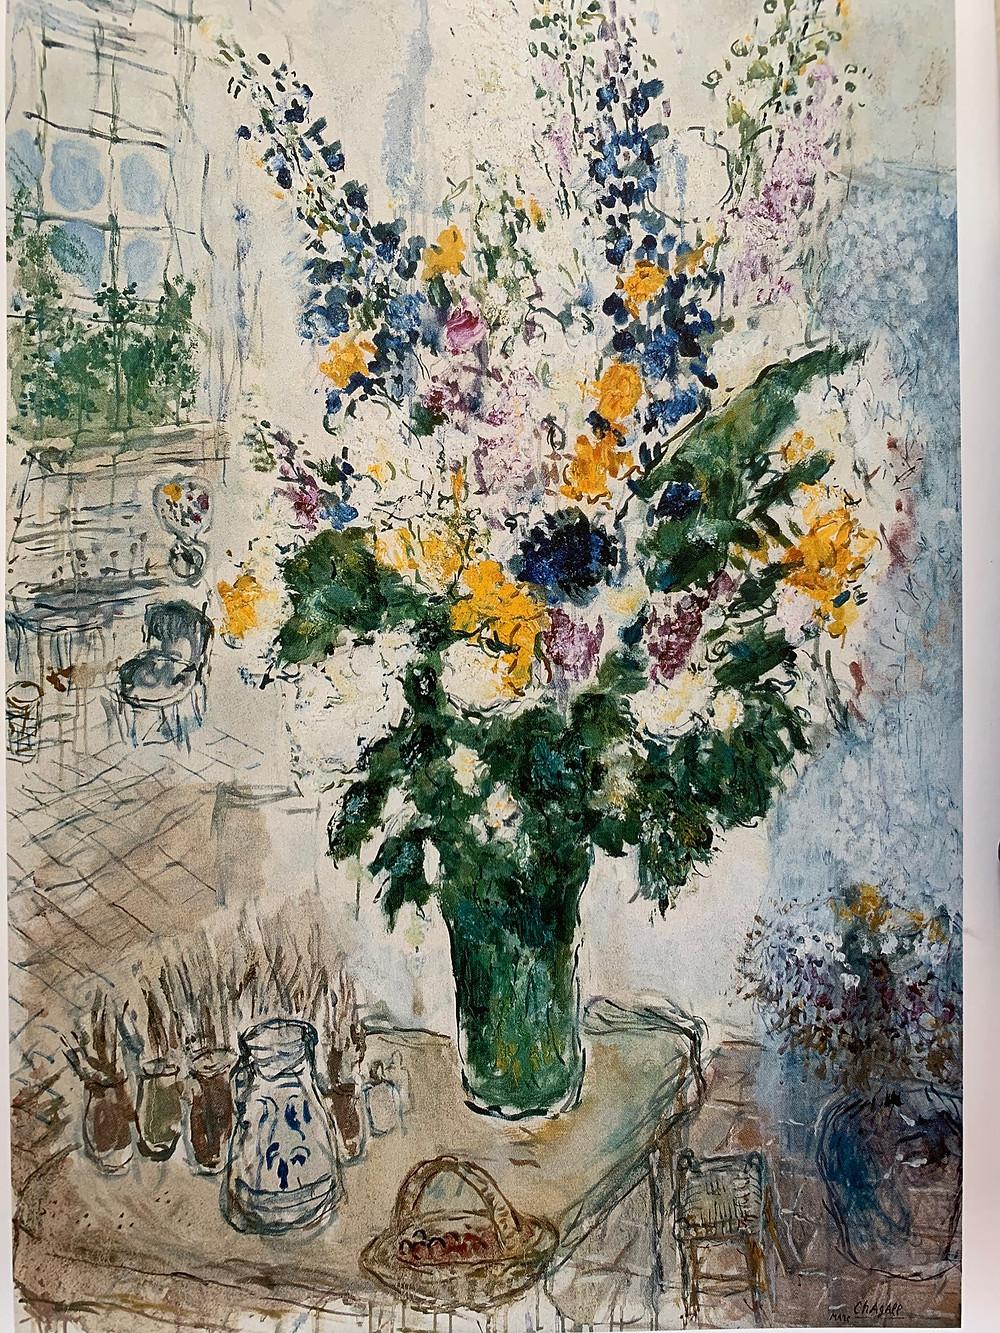 A painting of flowers by Marc Chagall, L'Atelier à Saint Paul-de-Vence